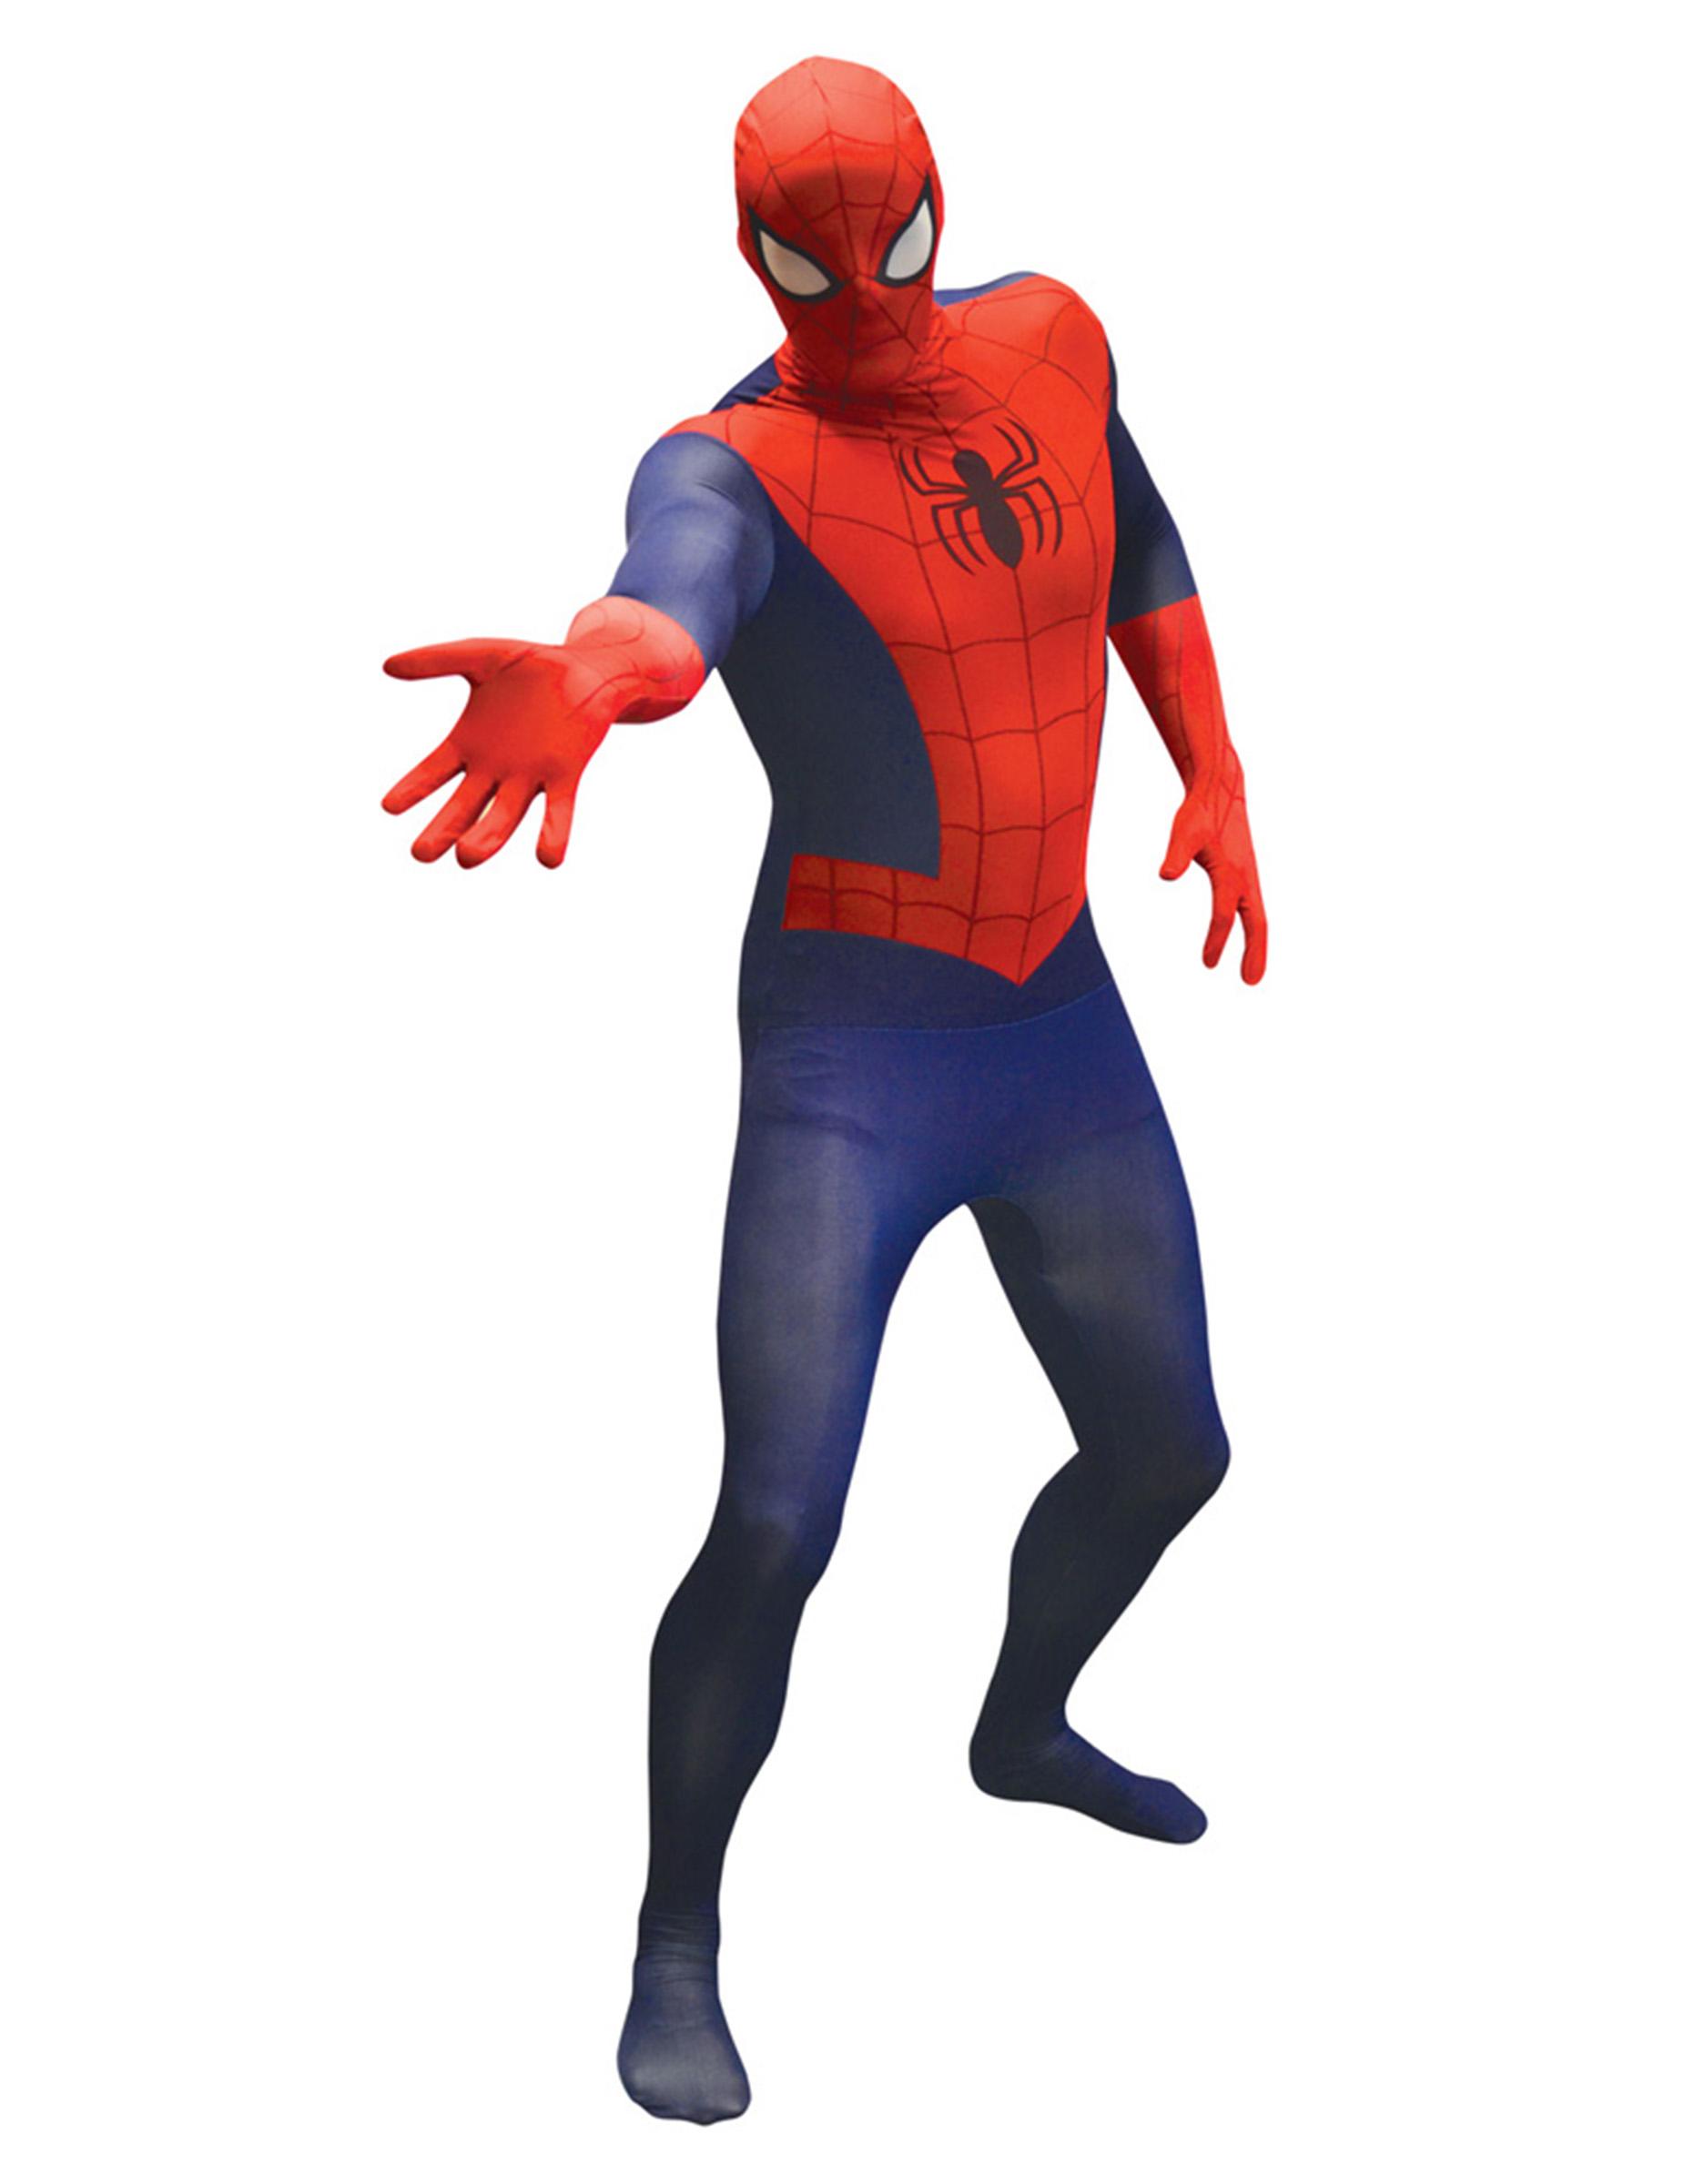 d guisement classique spiderman adulte morphsuits deguise toi achat de d guisements adultes. Black Bedroom Furniture Sets. Home Design Ideas